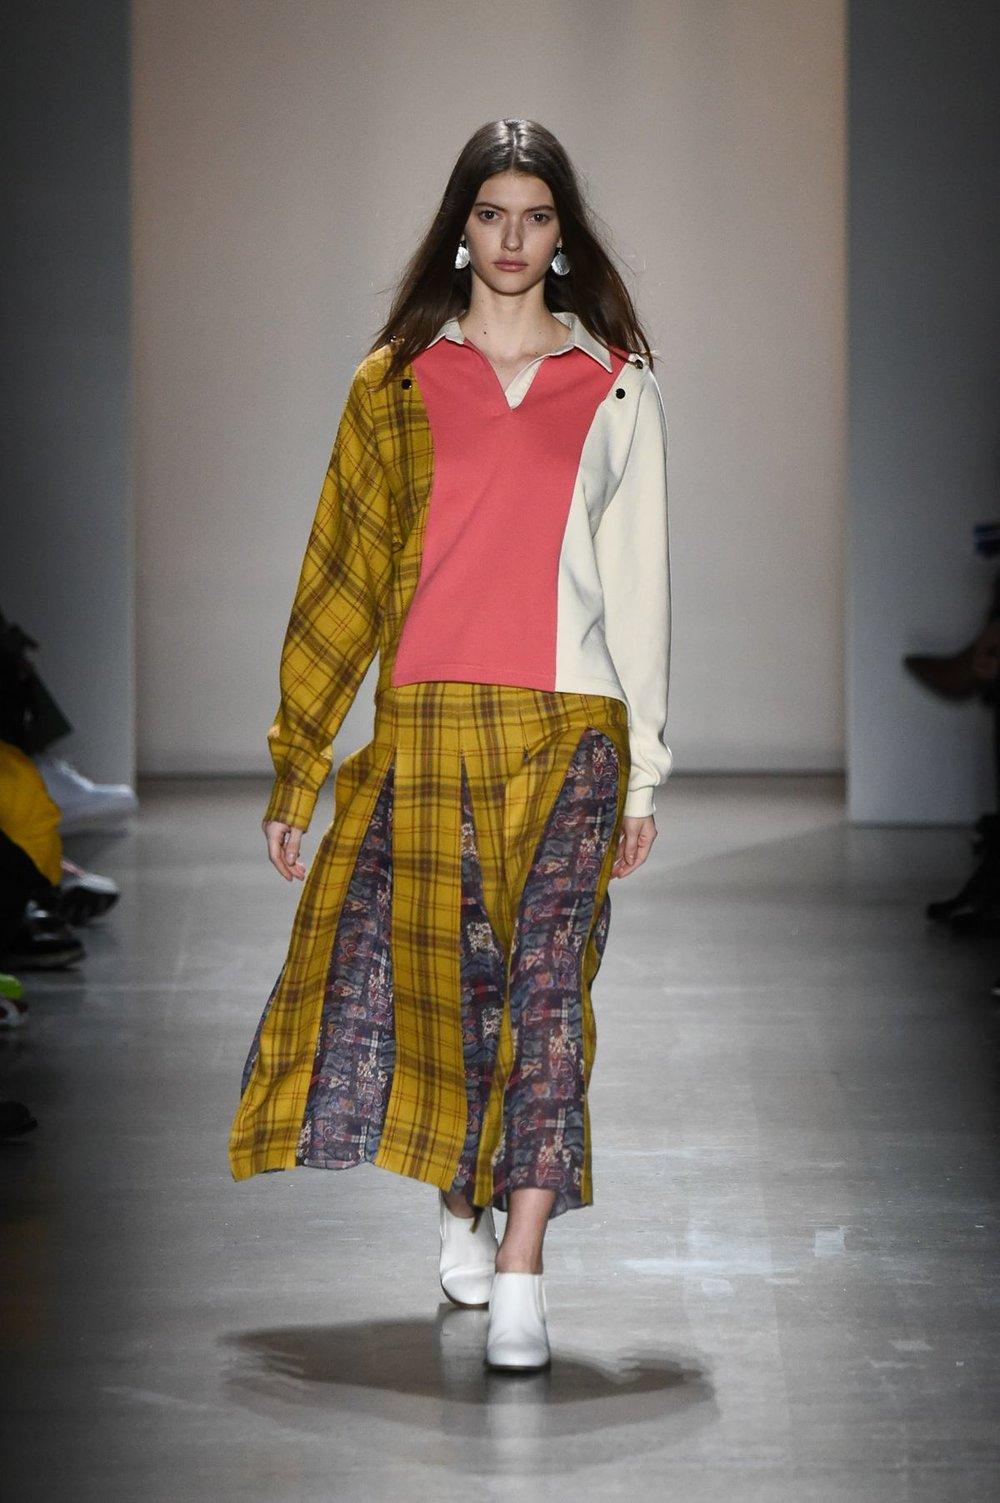 Lie Colletion fashion